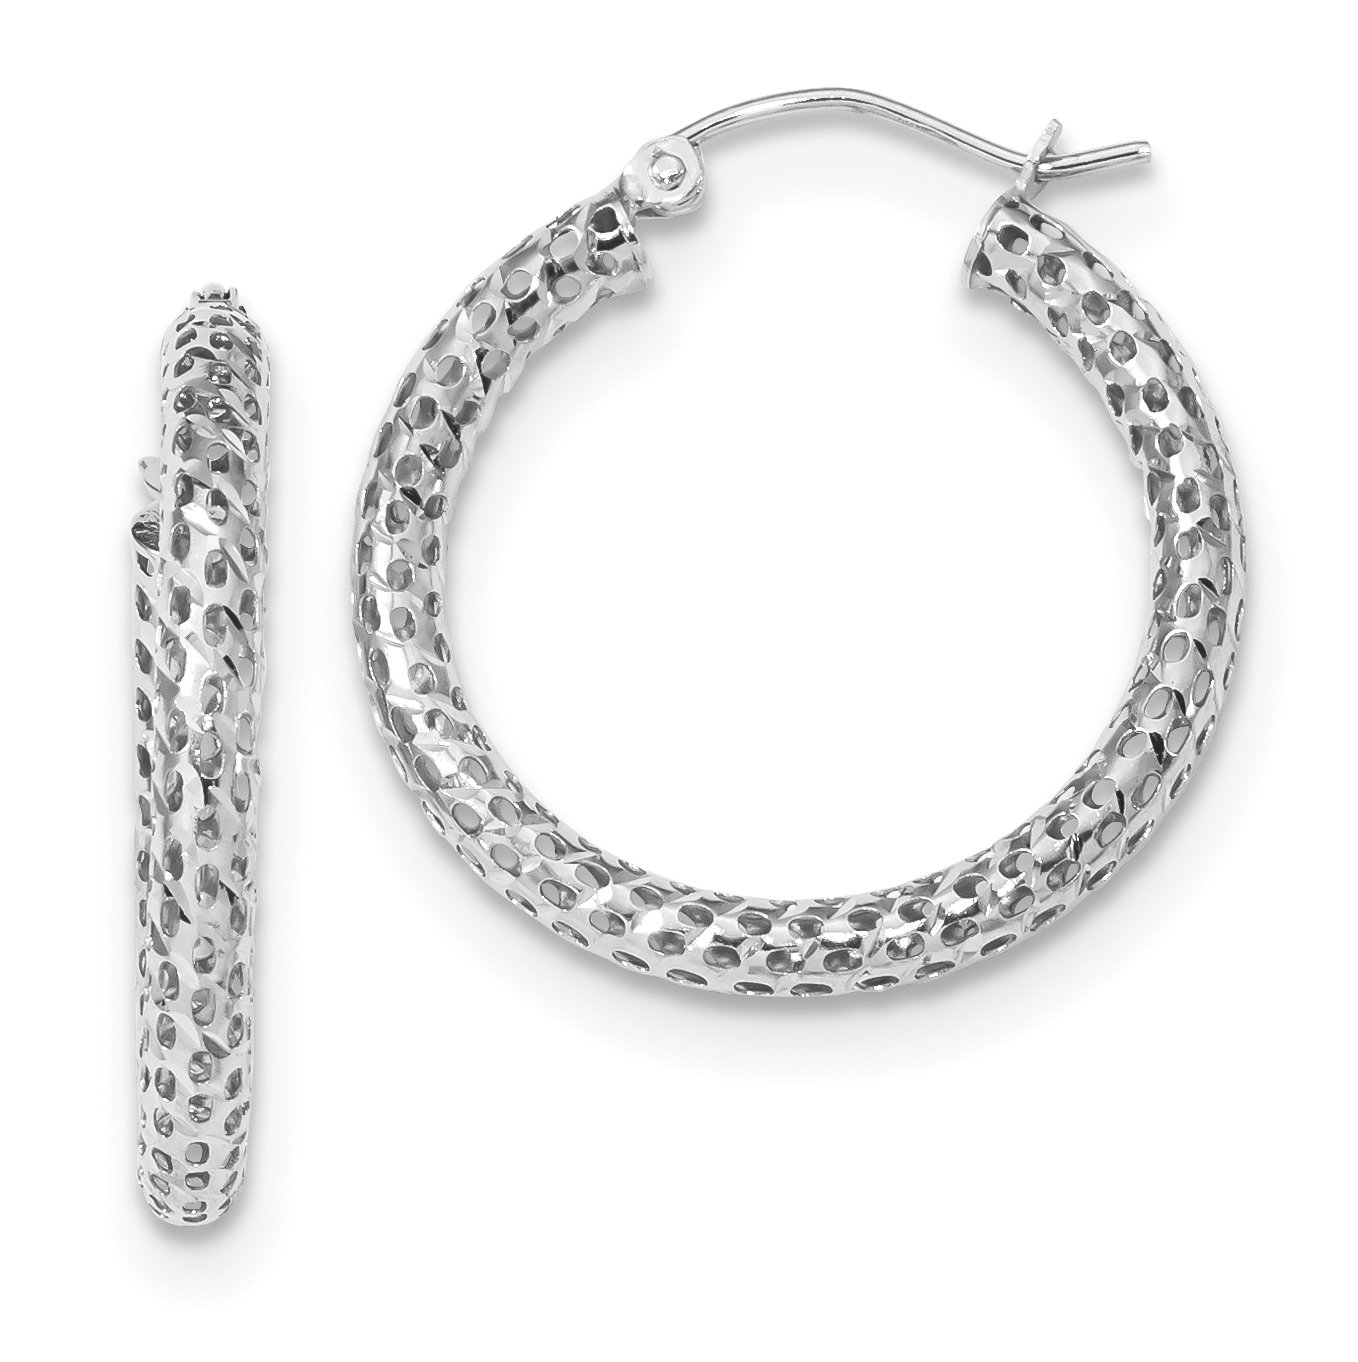 14k White Gold Mesh Hoop Earrings 27.19x25.6mm